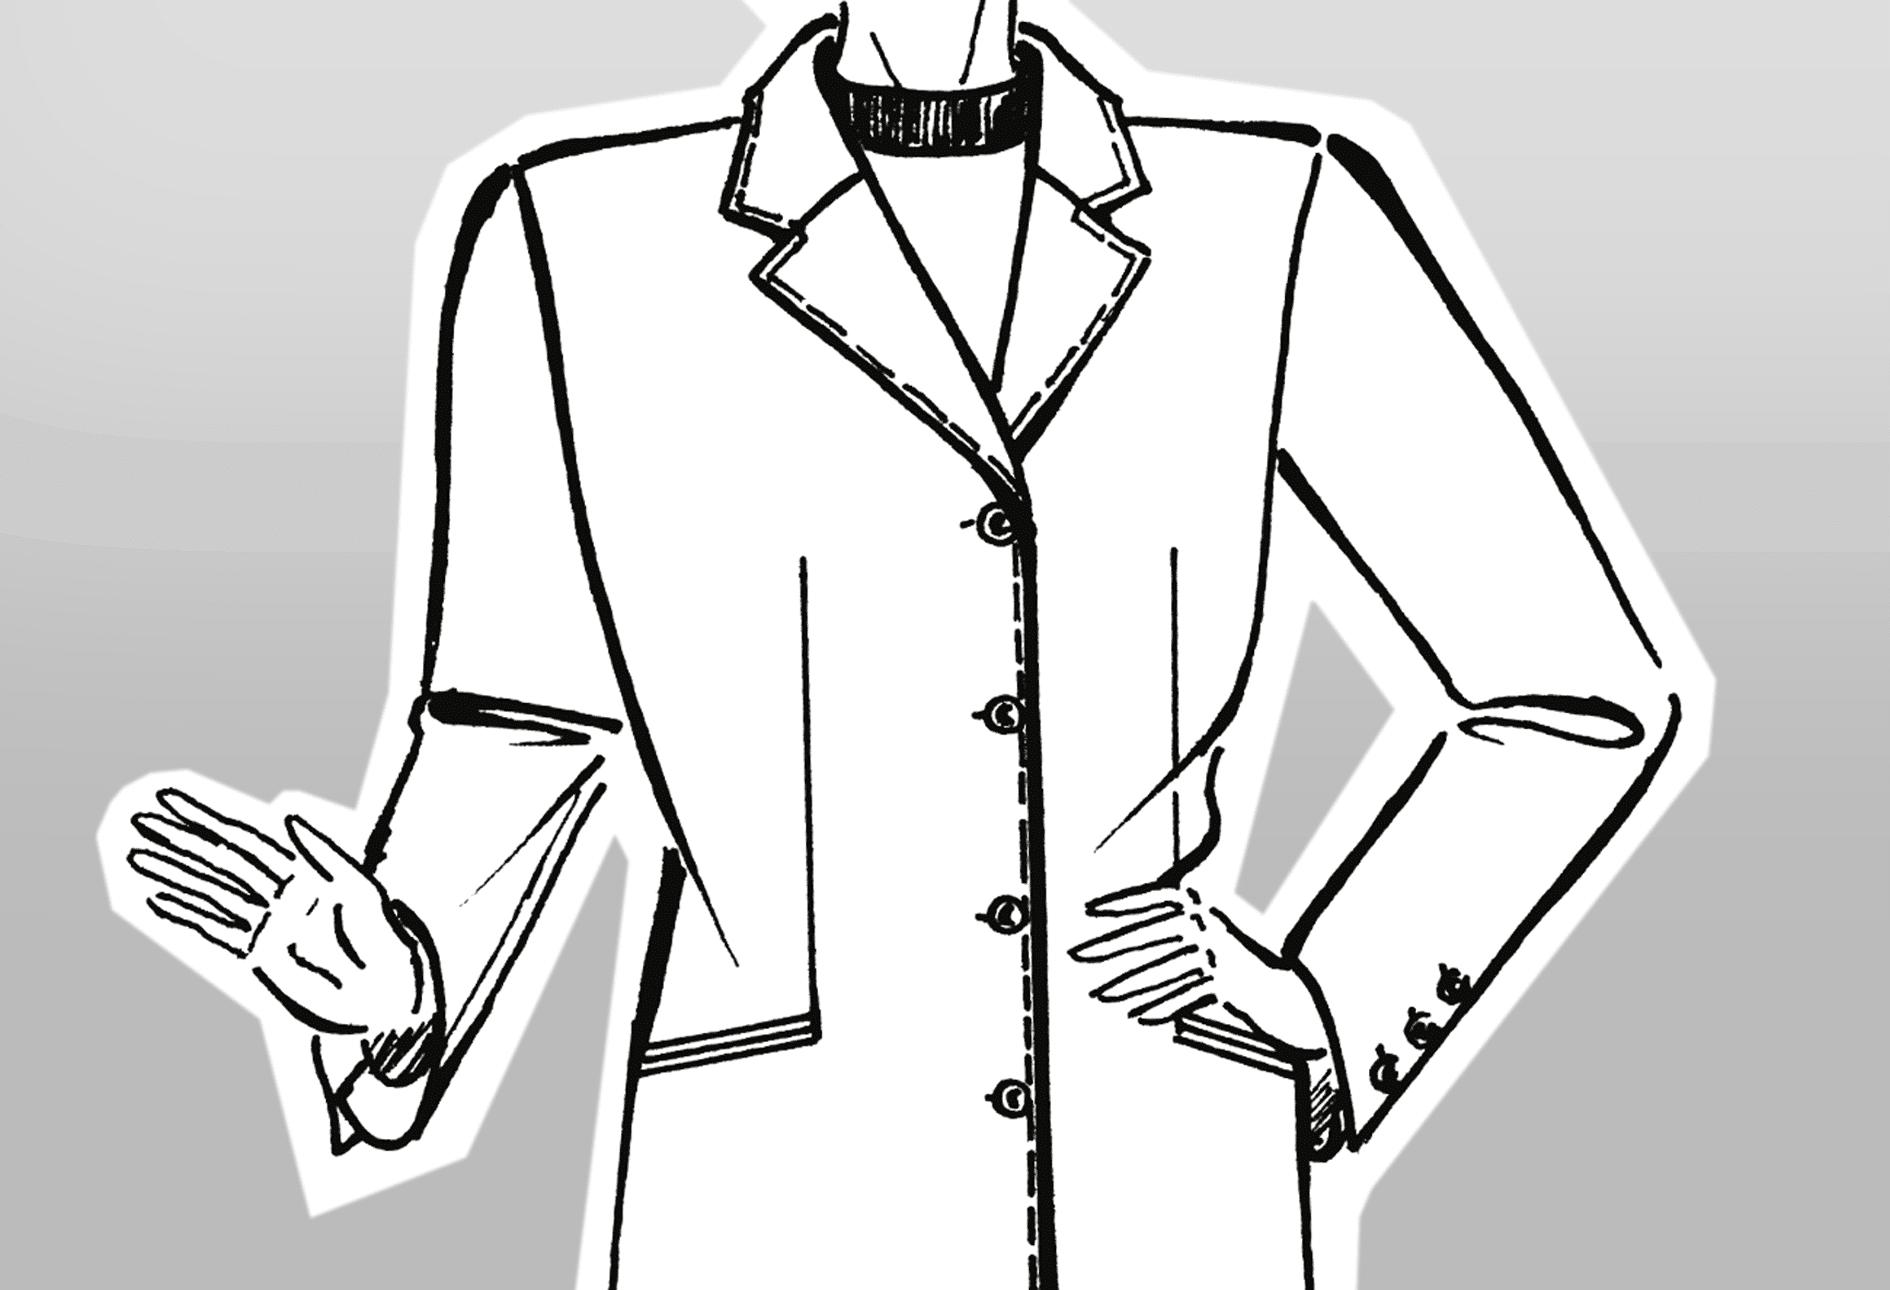 Zu sehen ist die technische Zeichnung eines Mantels mit kurzem Reverskragen.